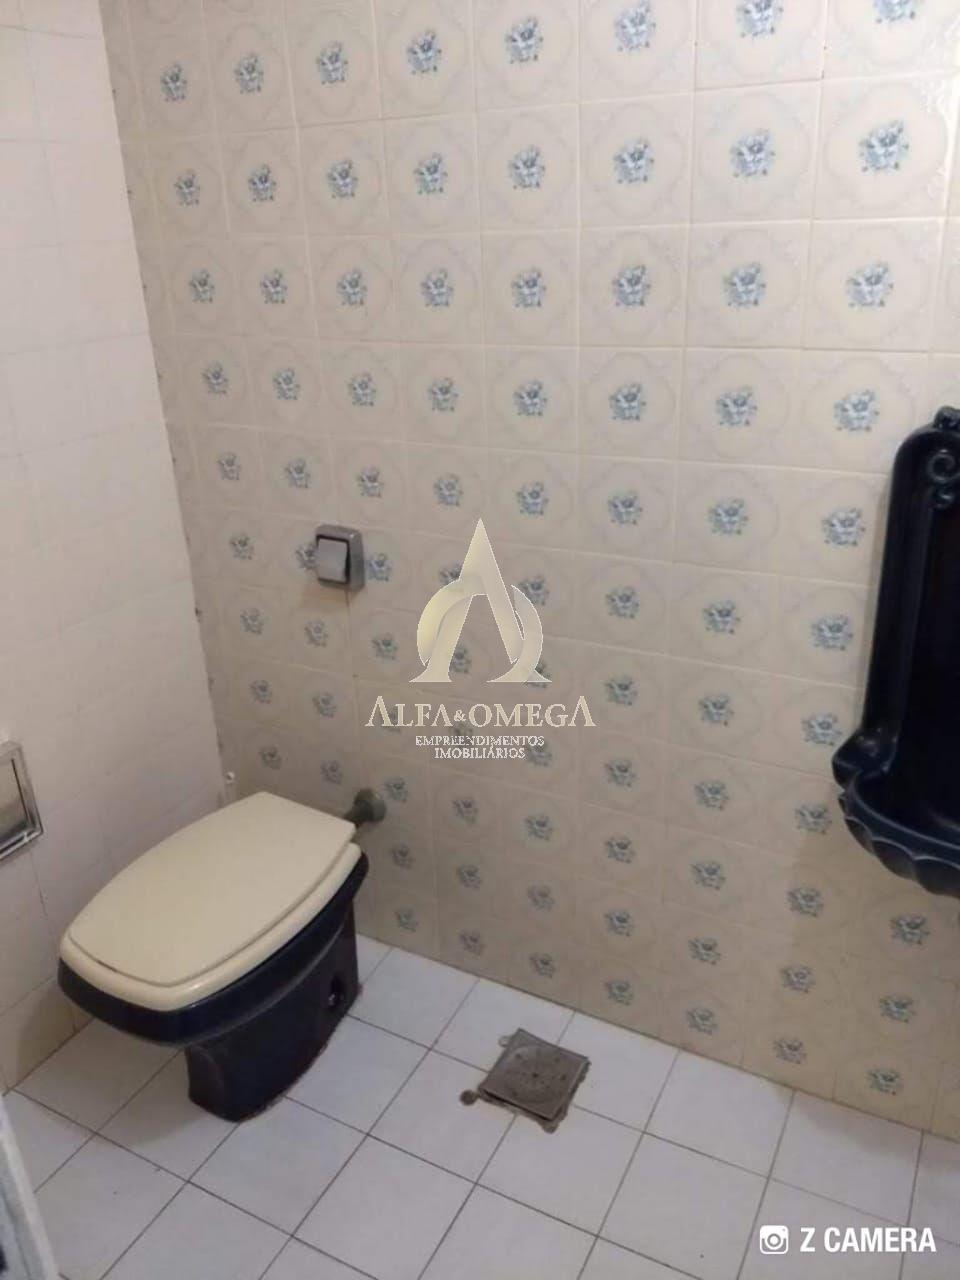 FOTO 11 - Casa em Condomínio 4 quartos à venda Barra da Tijuca, Rio de Janeiro - R$ 3.599.000 - AO60122 - 12